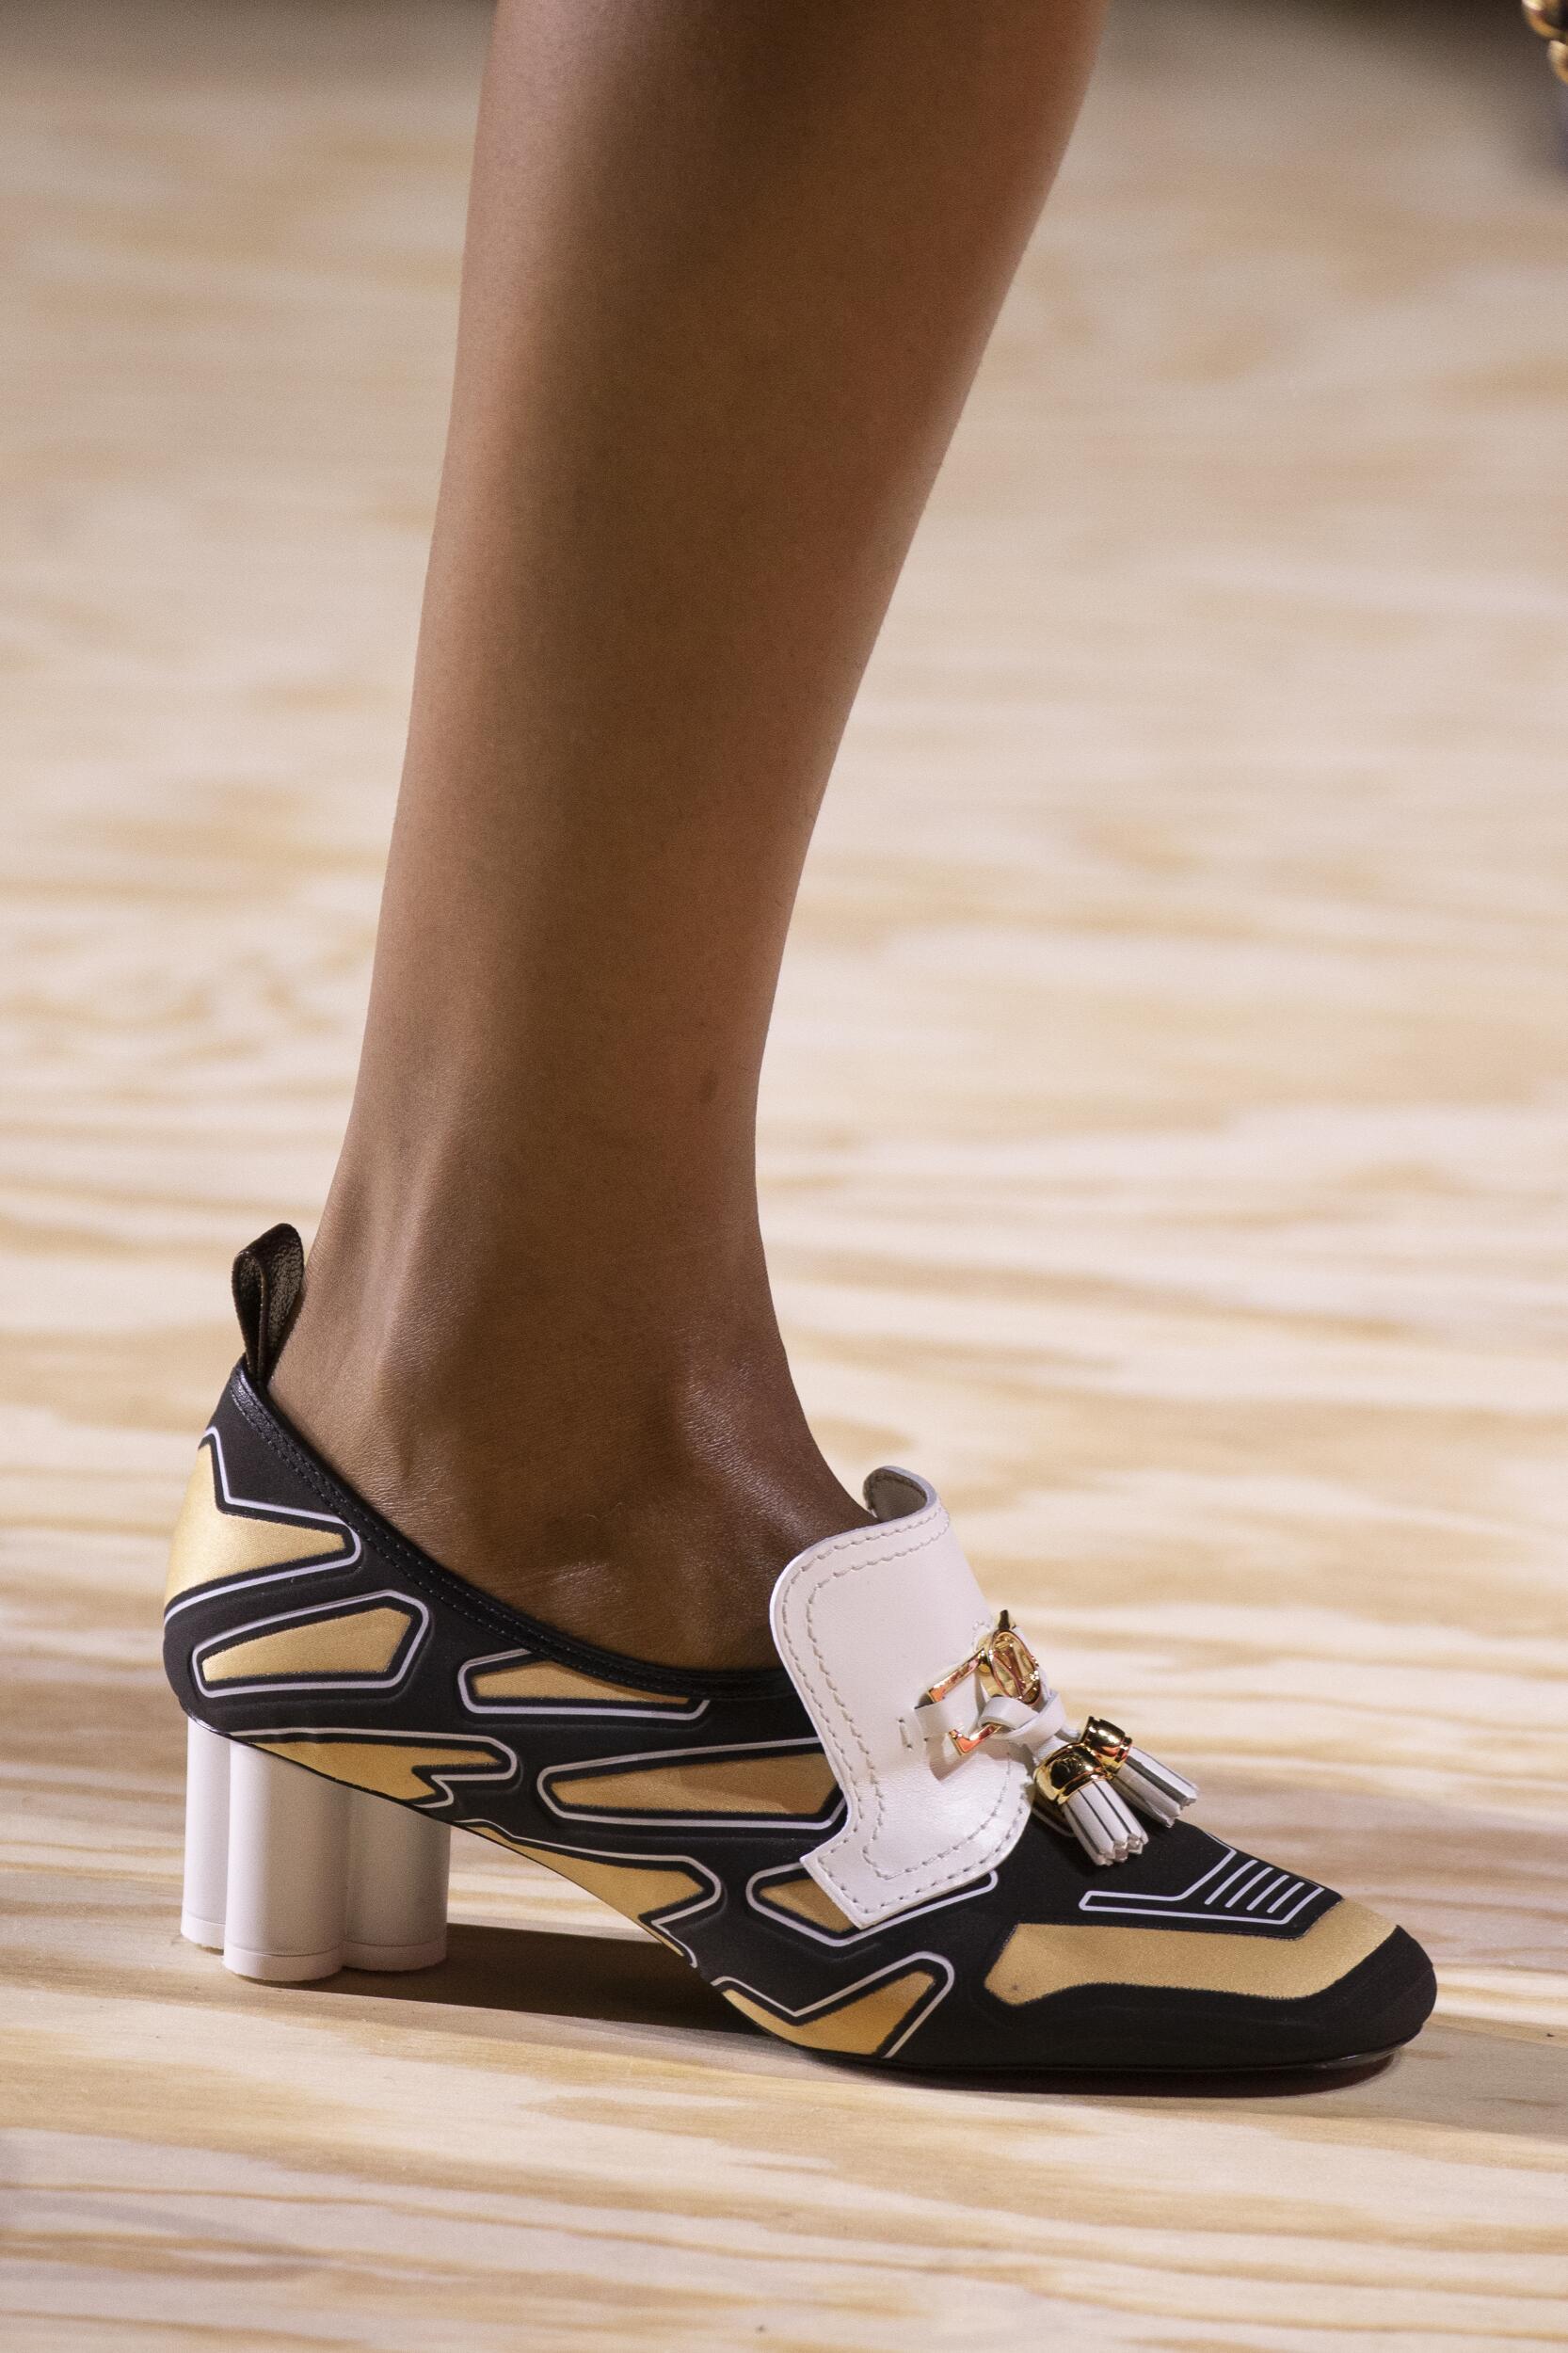 Обувные тенденции весенне-летнего сезона 2020: Квадратный мыс